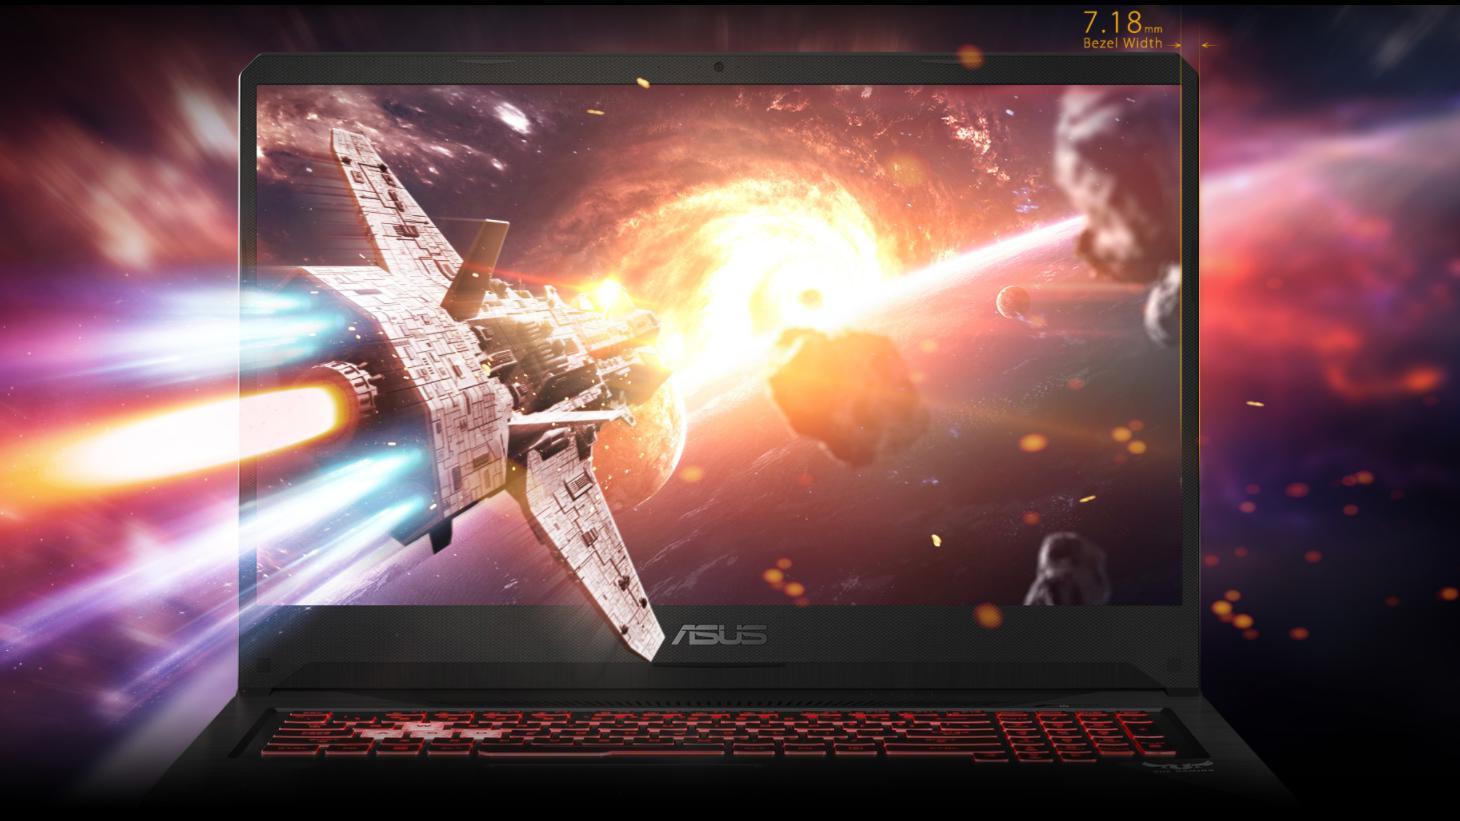 Đánh giá sản phẩm Laptop Asus TUF Gaming FX705GE-EW165T 14